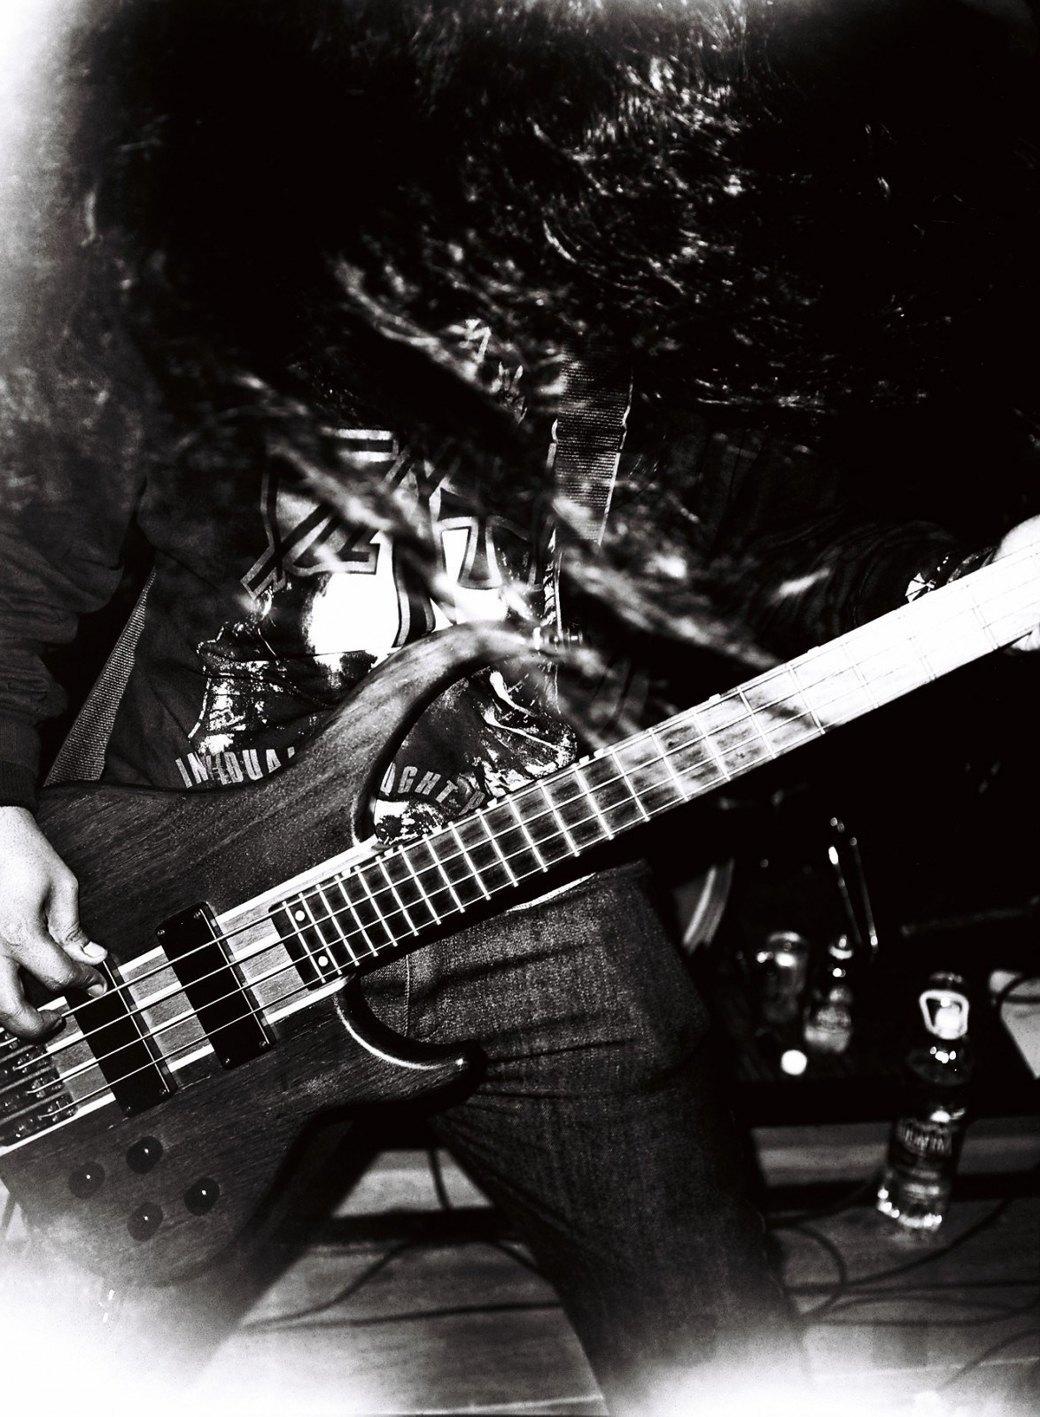 Азиатский андеграунд: Панк, грайндкор и экстремальный метал по-вьетнамски . Изображение № 17.